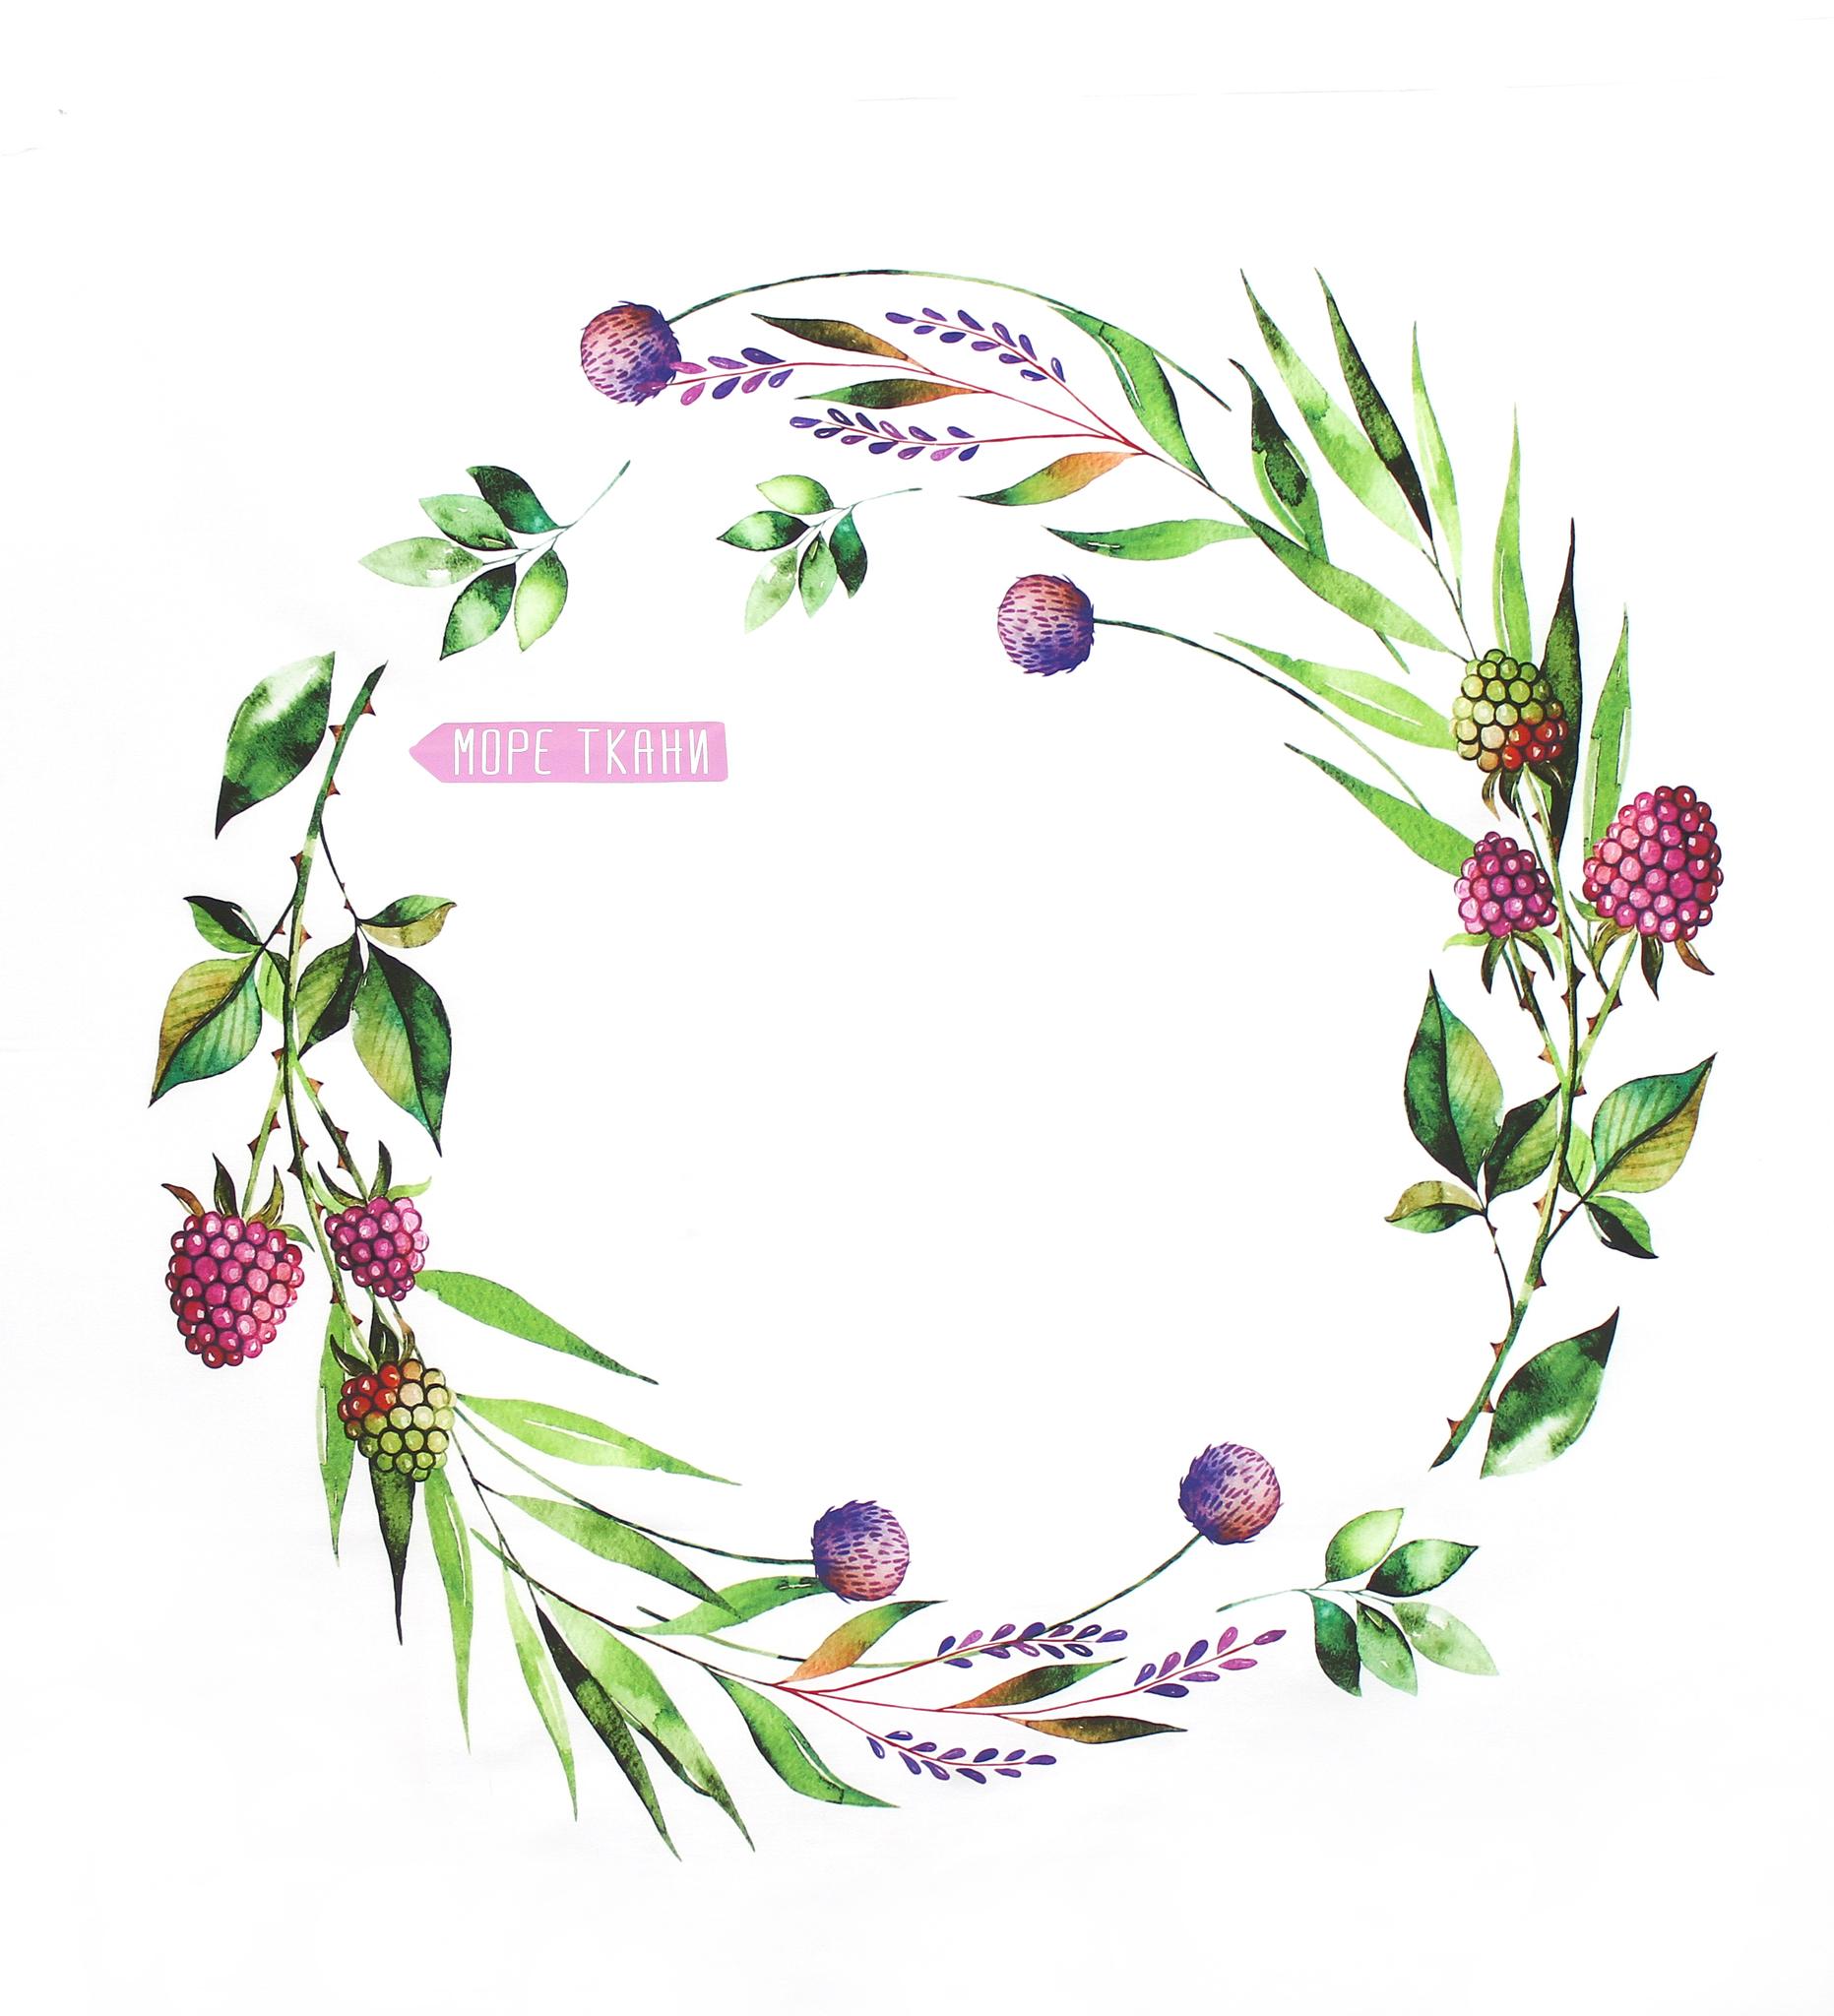 Панель(купон) цветы и виноград-80*80 см